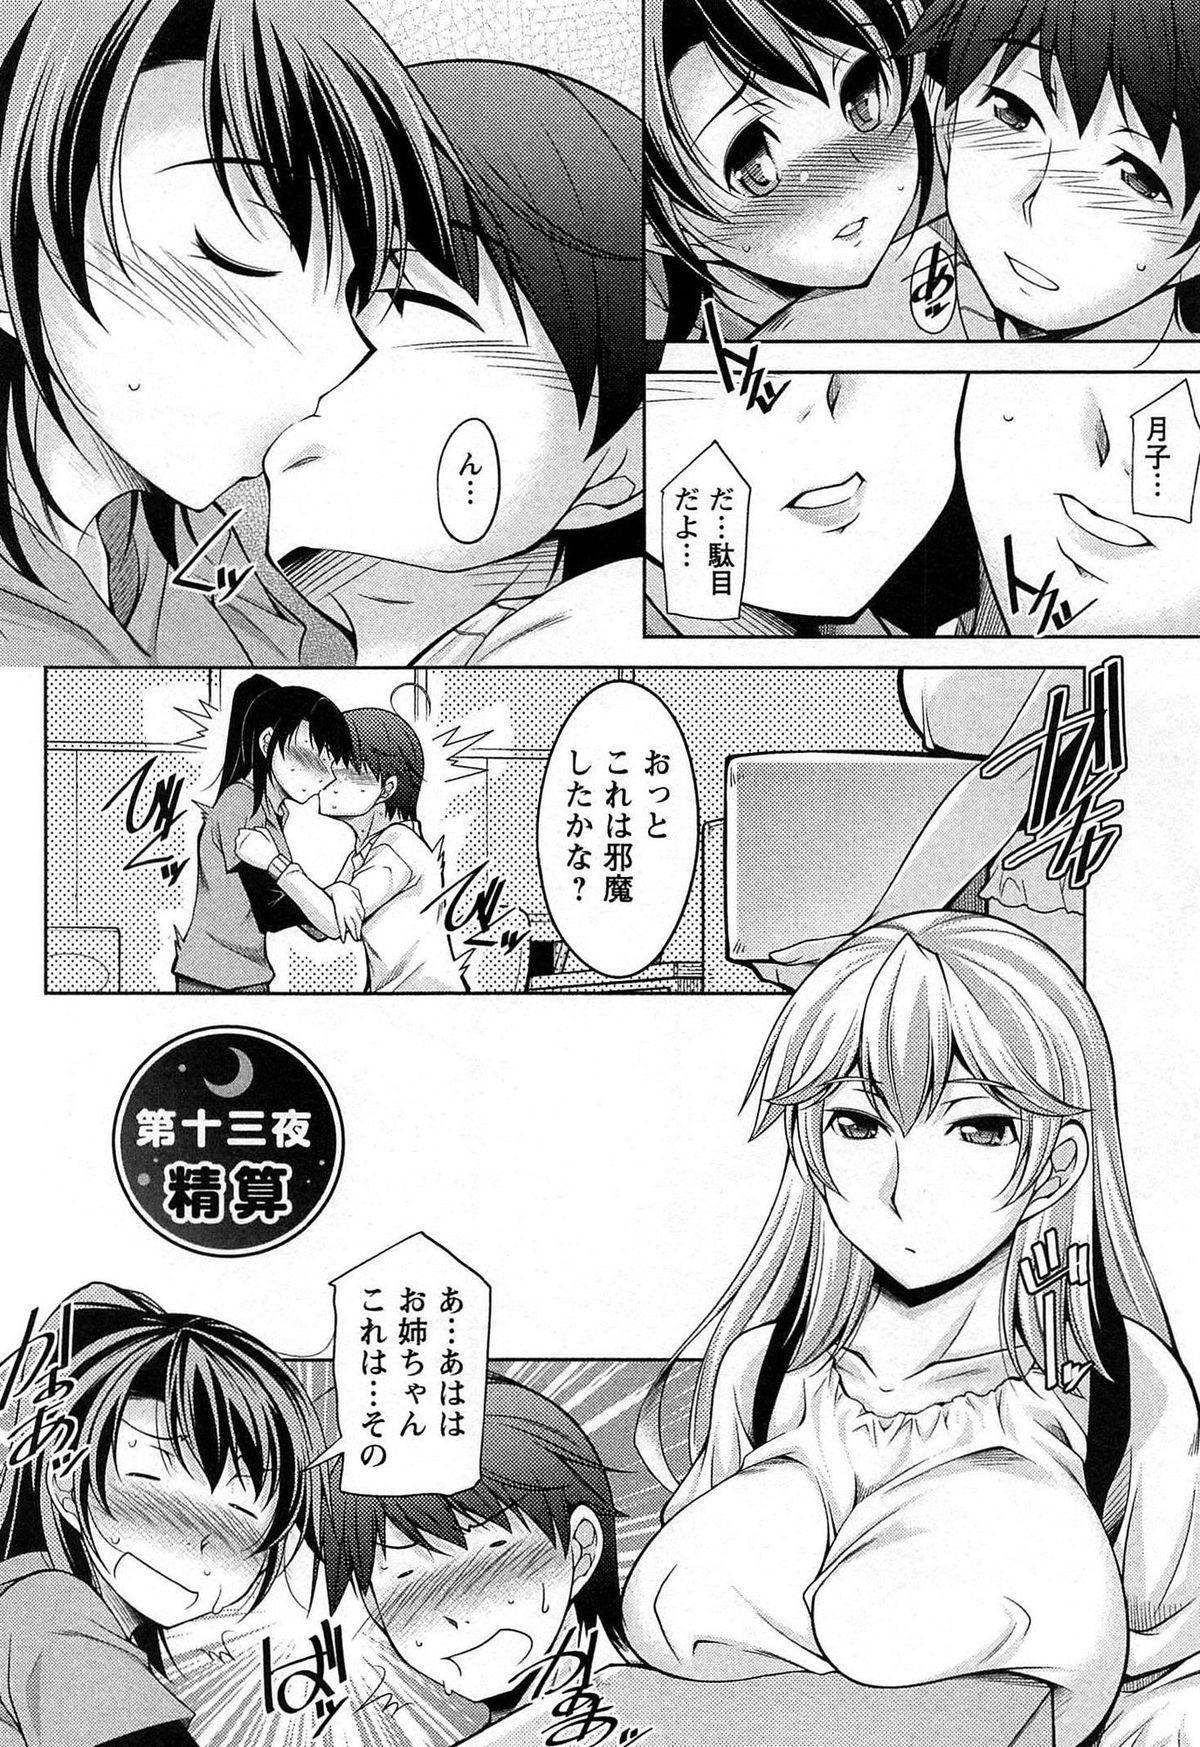 [zen9] Tsuki-wo Ai-Shite - Tsuki-ni Koi-shite 2 62